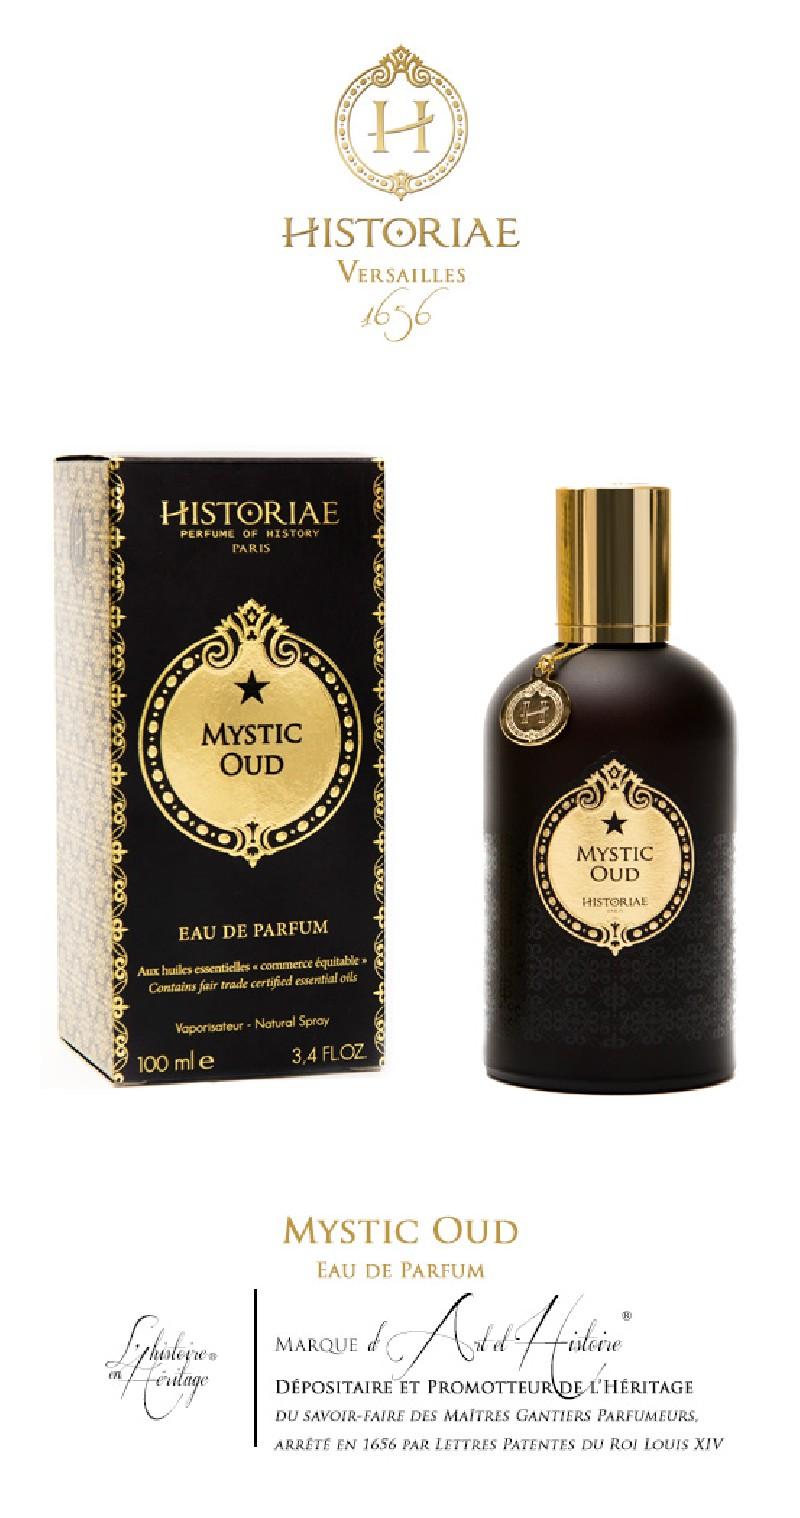 HISTORIAE Mystic Oud - Eau de parfum